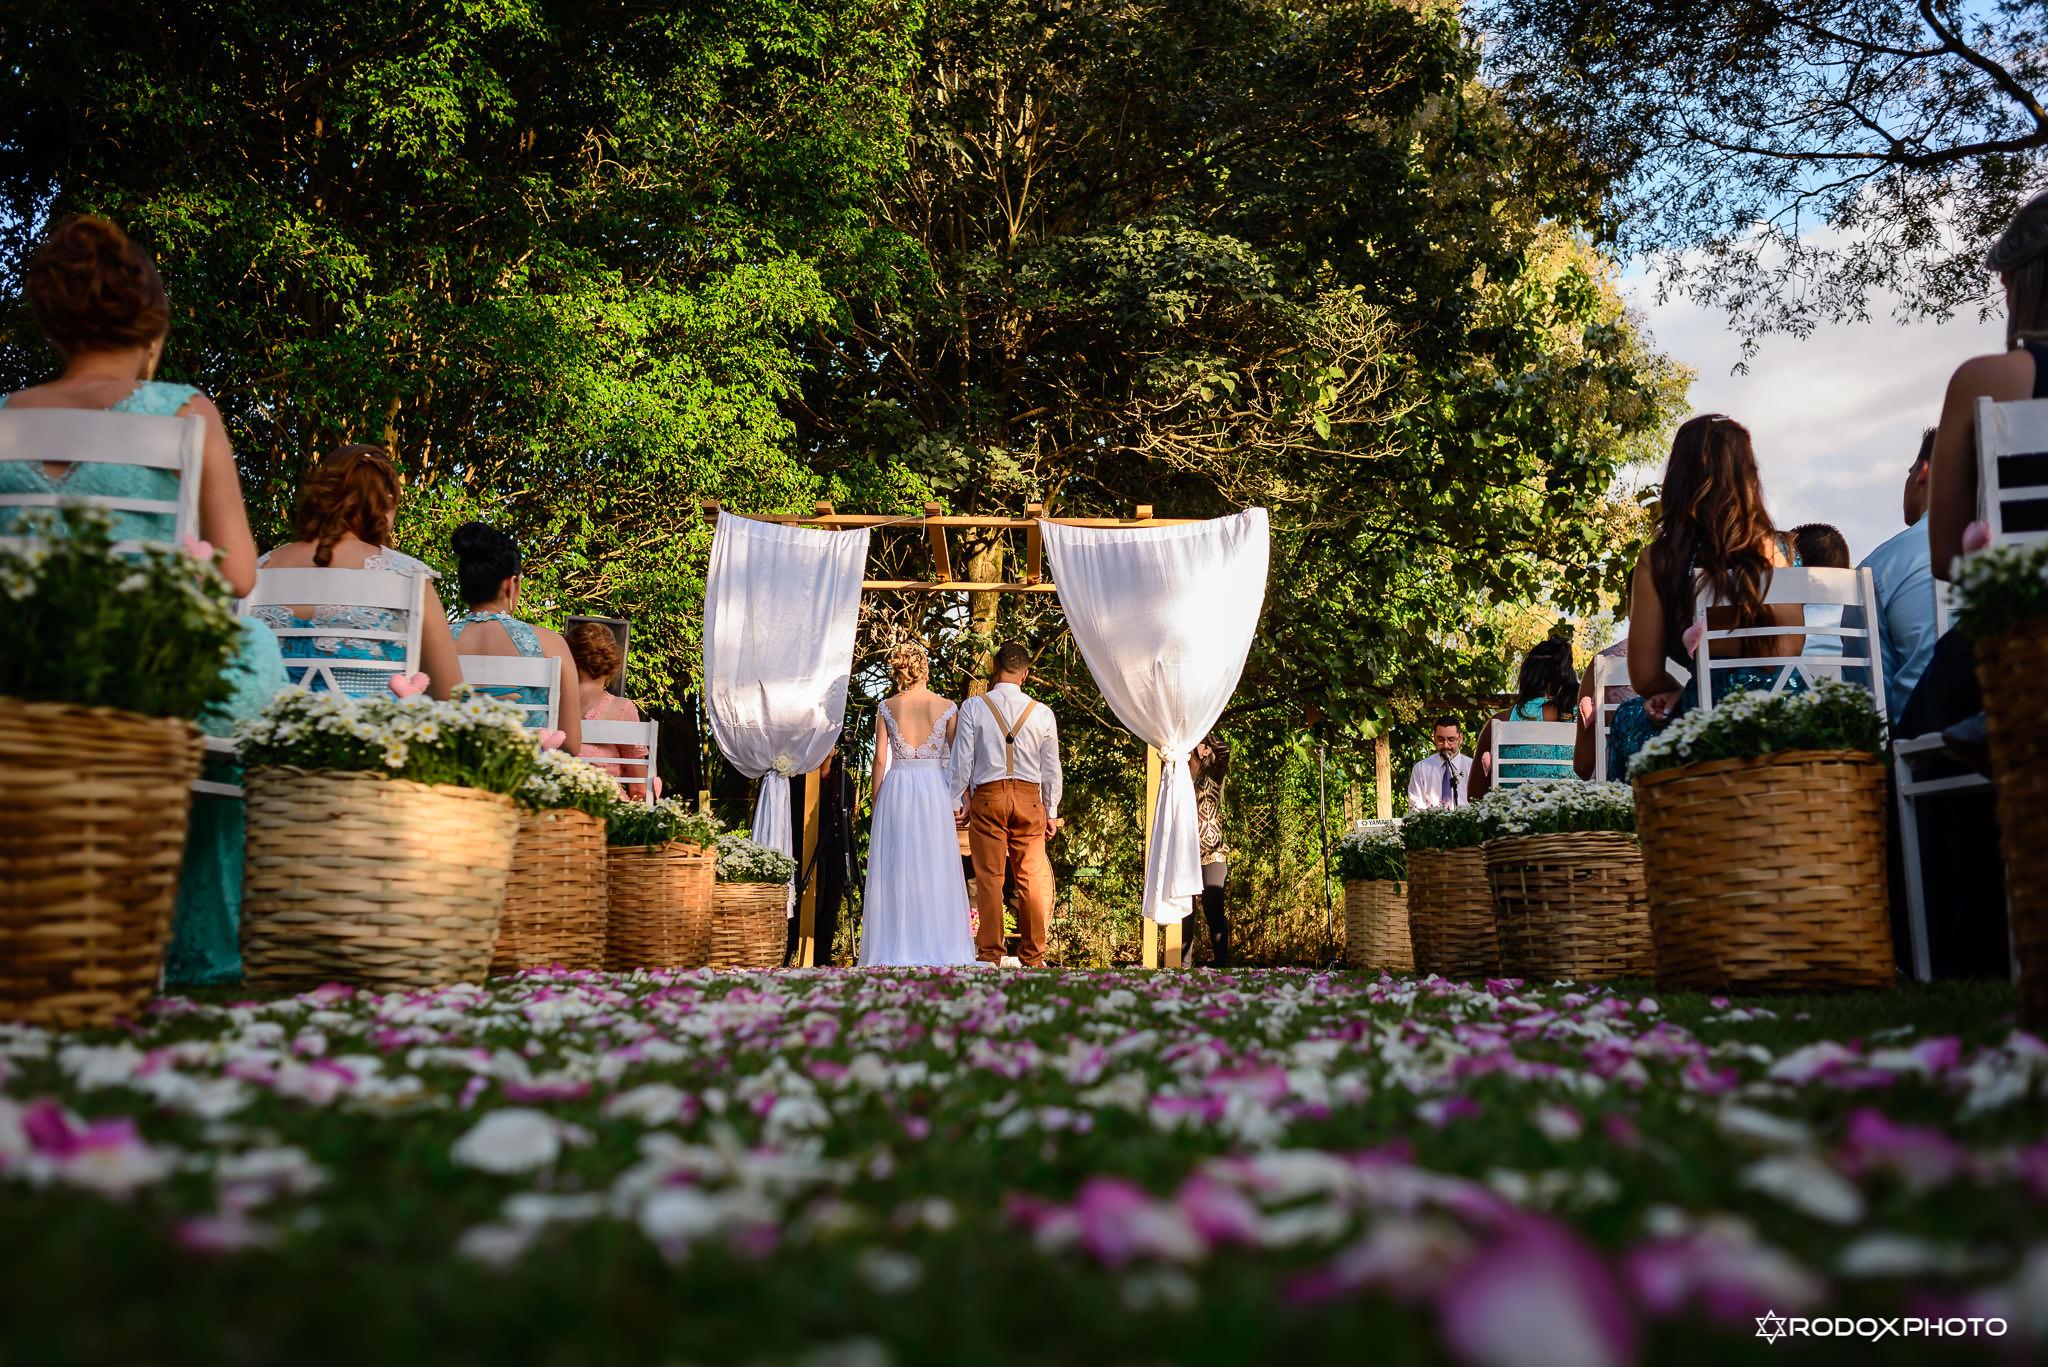 Contate Rodolfo Carvalho - Fotógrafo de Casamentos e Ensaios | Mogi Guaçu - SP